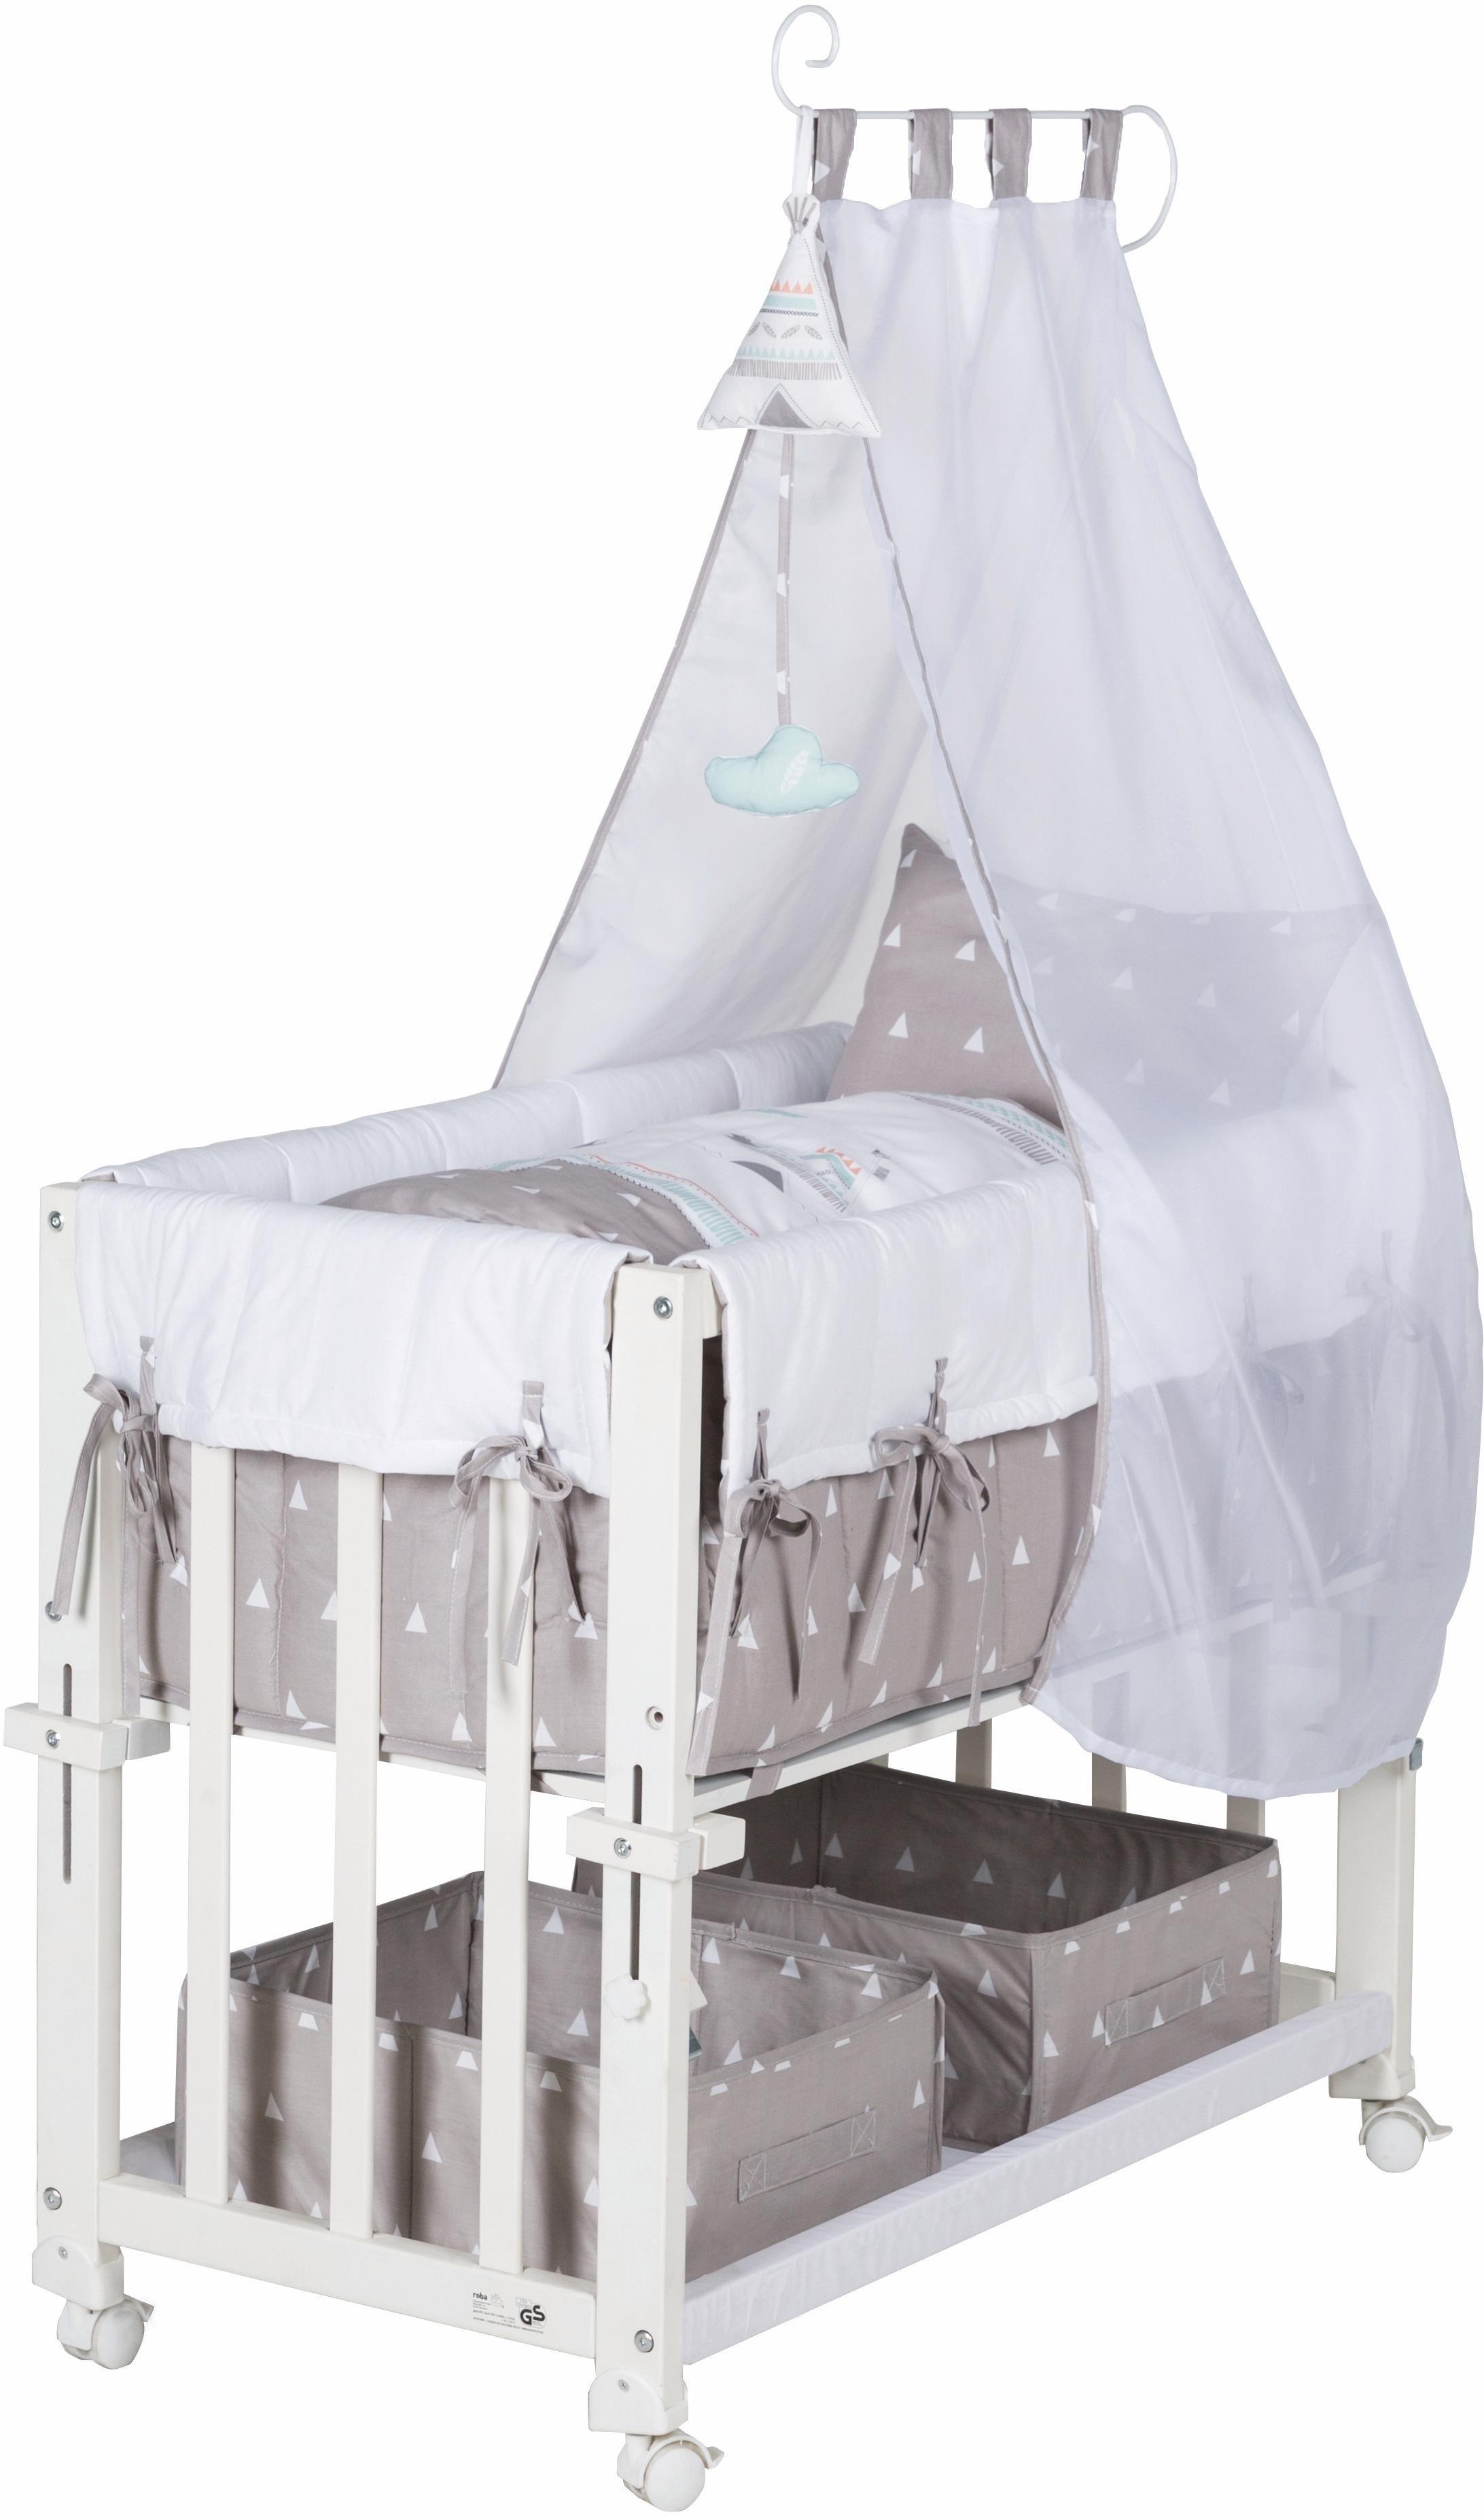 Roba wieg »Babysitter 4in1, complete set Indibär« goedkoop op otto.nl kopen